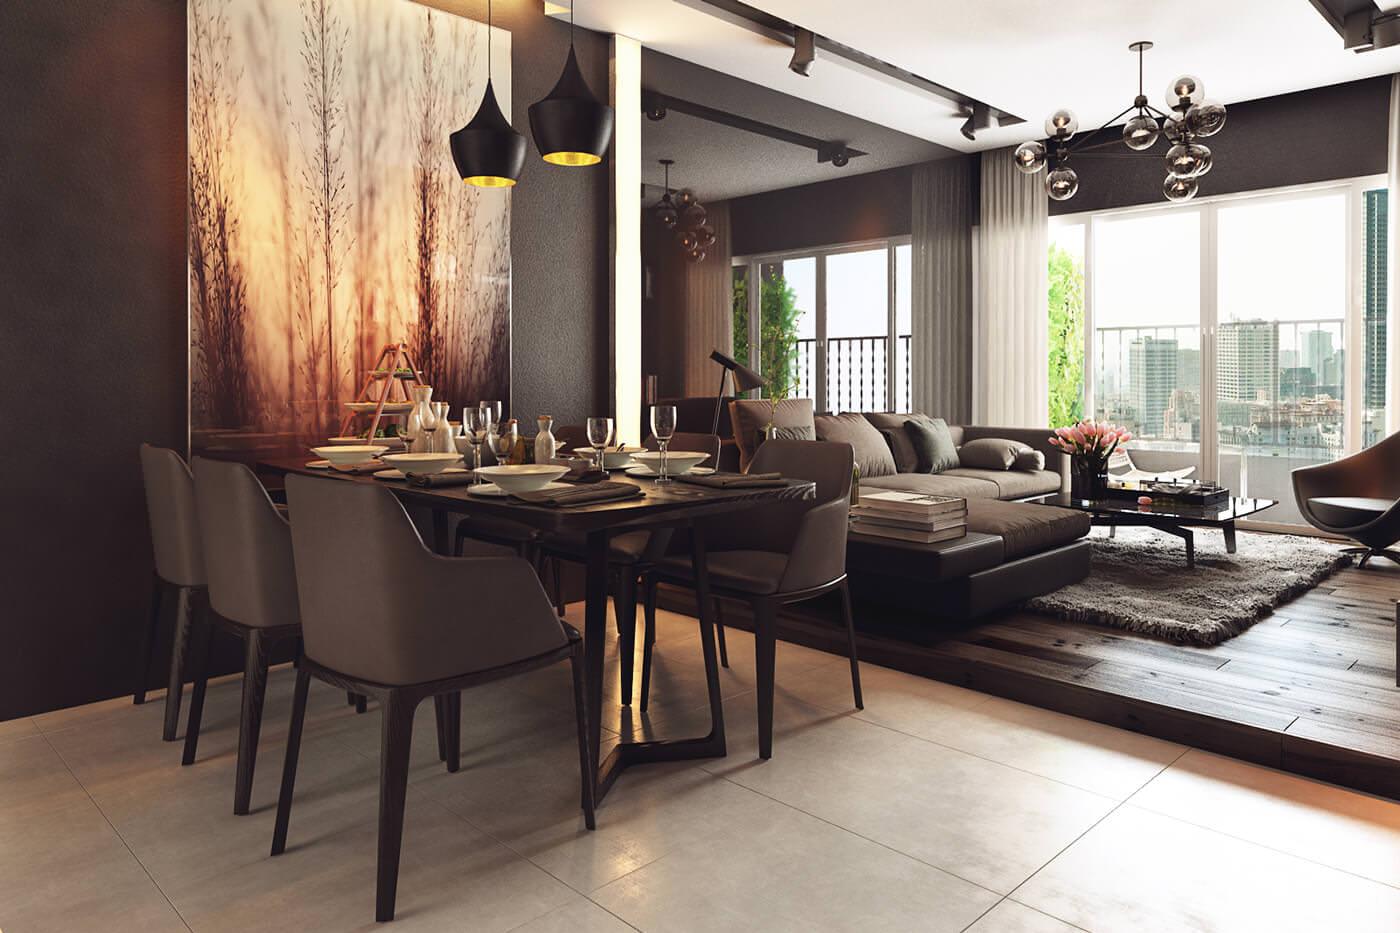 prostoren-apartament-s-eleganten-interior-v-neutralni-tsvetove-1g